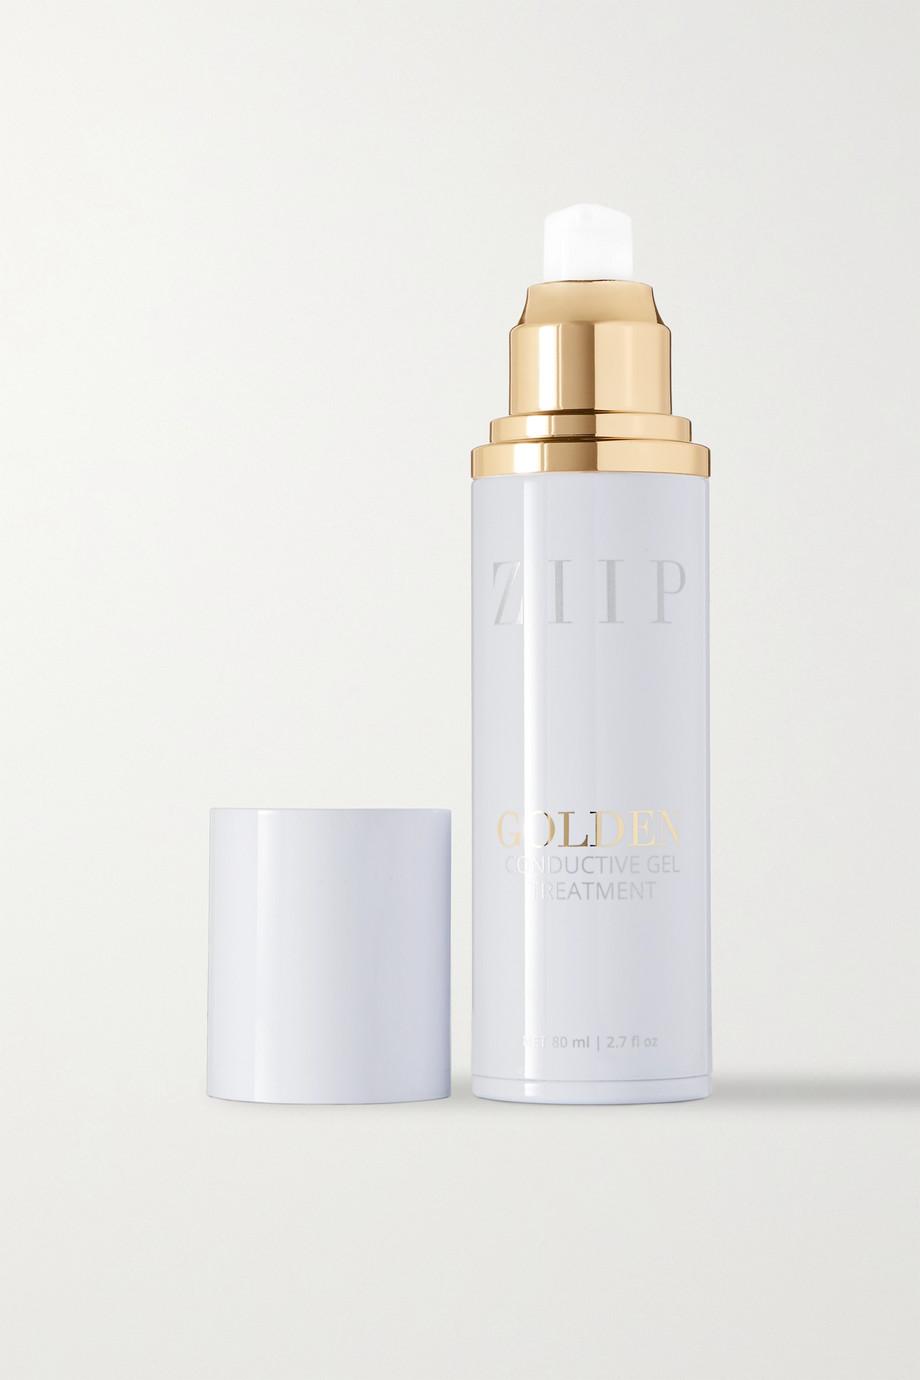 Ziip Beauty Golden Conductive Gel, 80 ml – Balsam